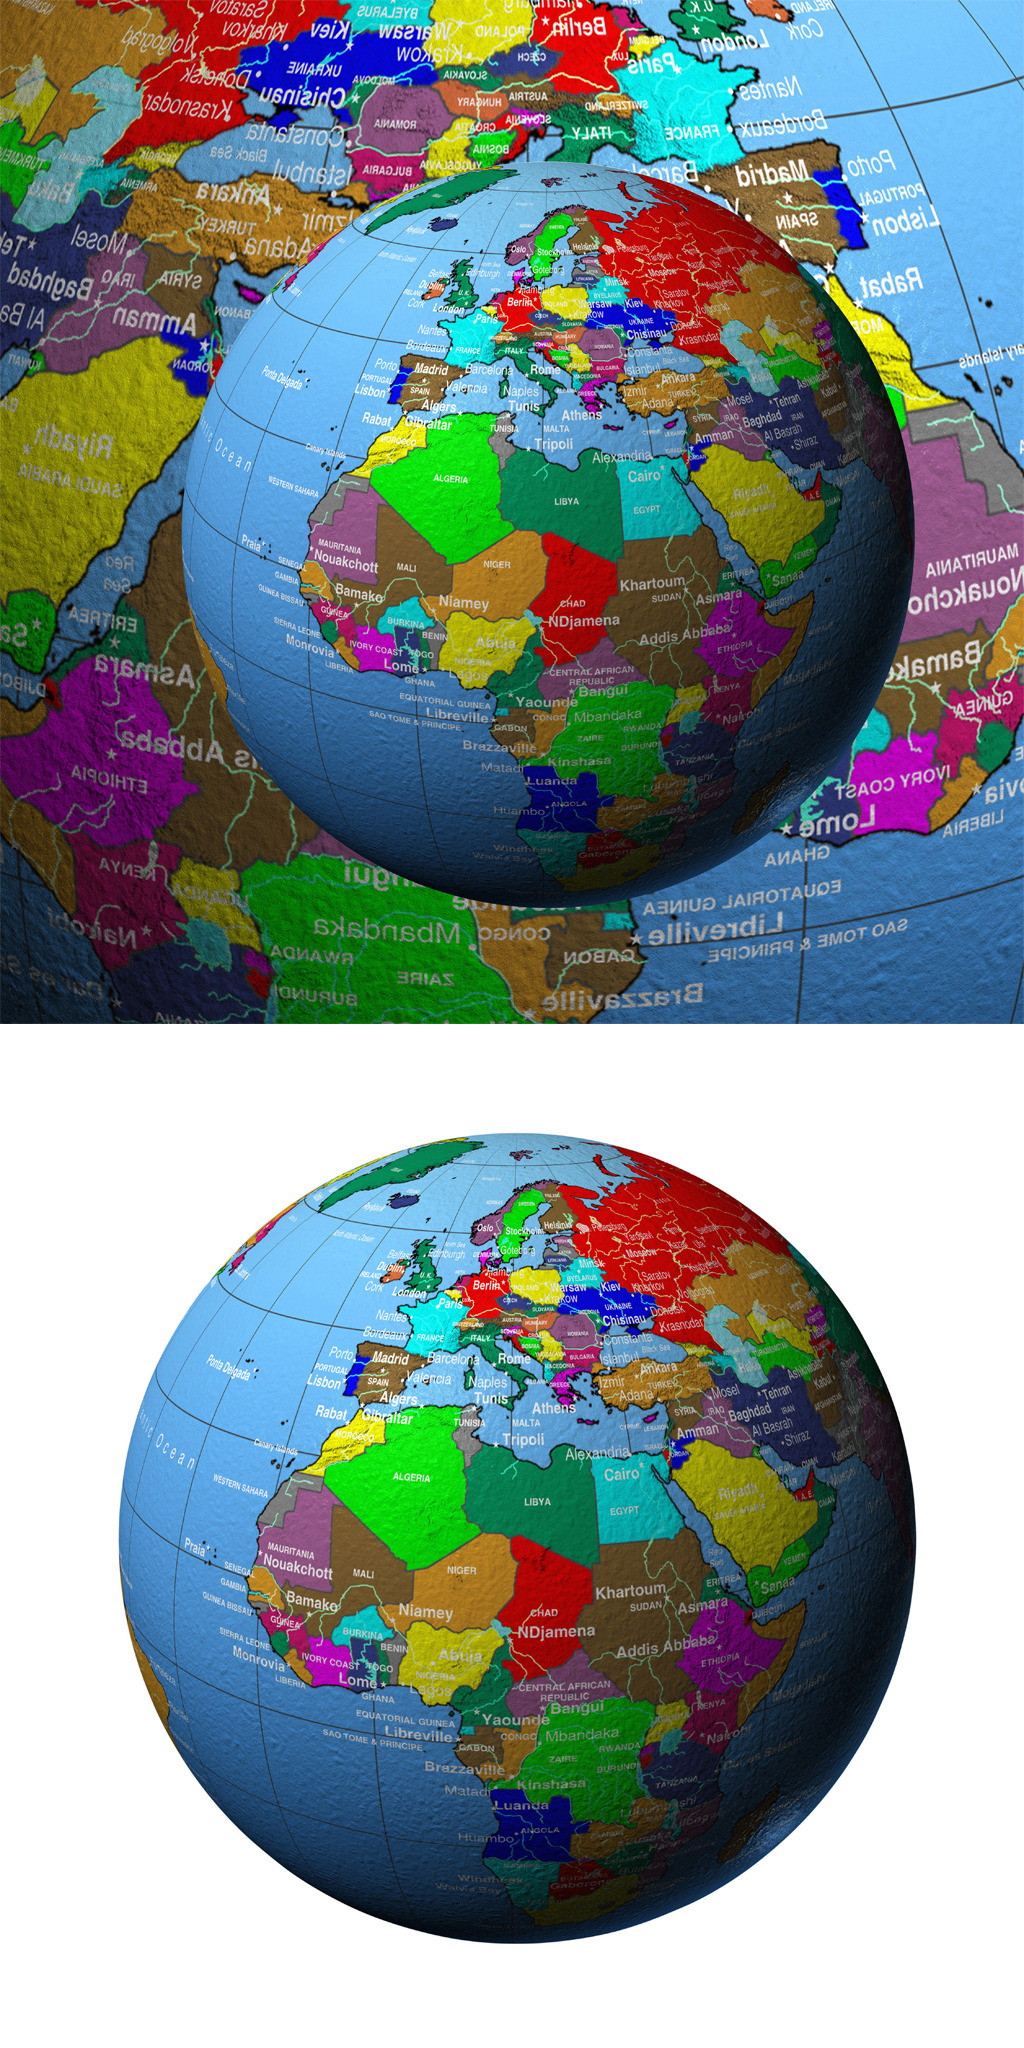 地图jpg下载 地图素材下载 地图psd分层下载 太空星球 地球 全球 版图